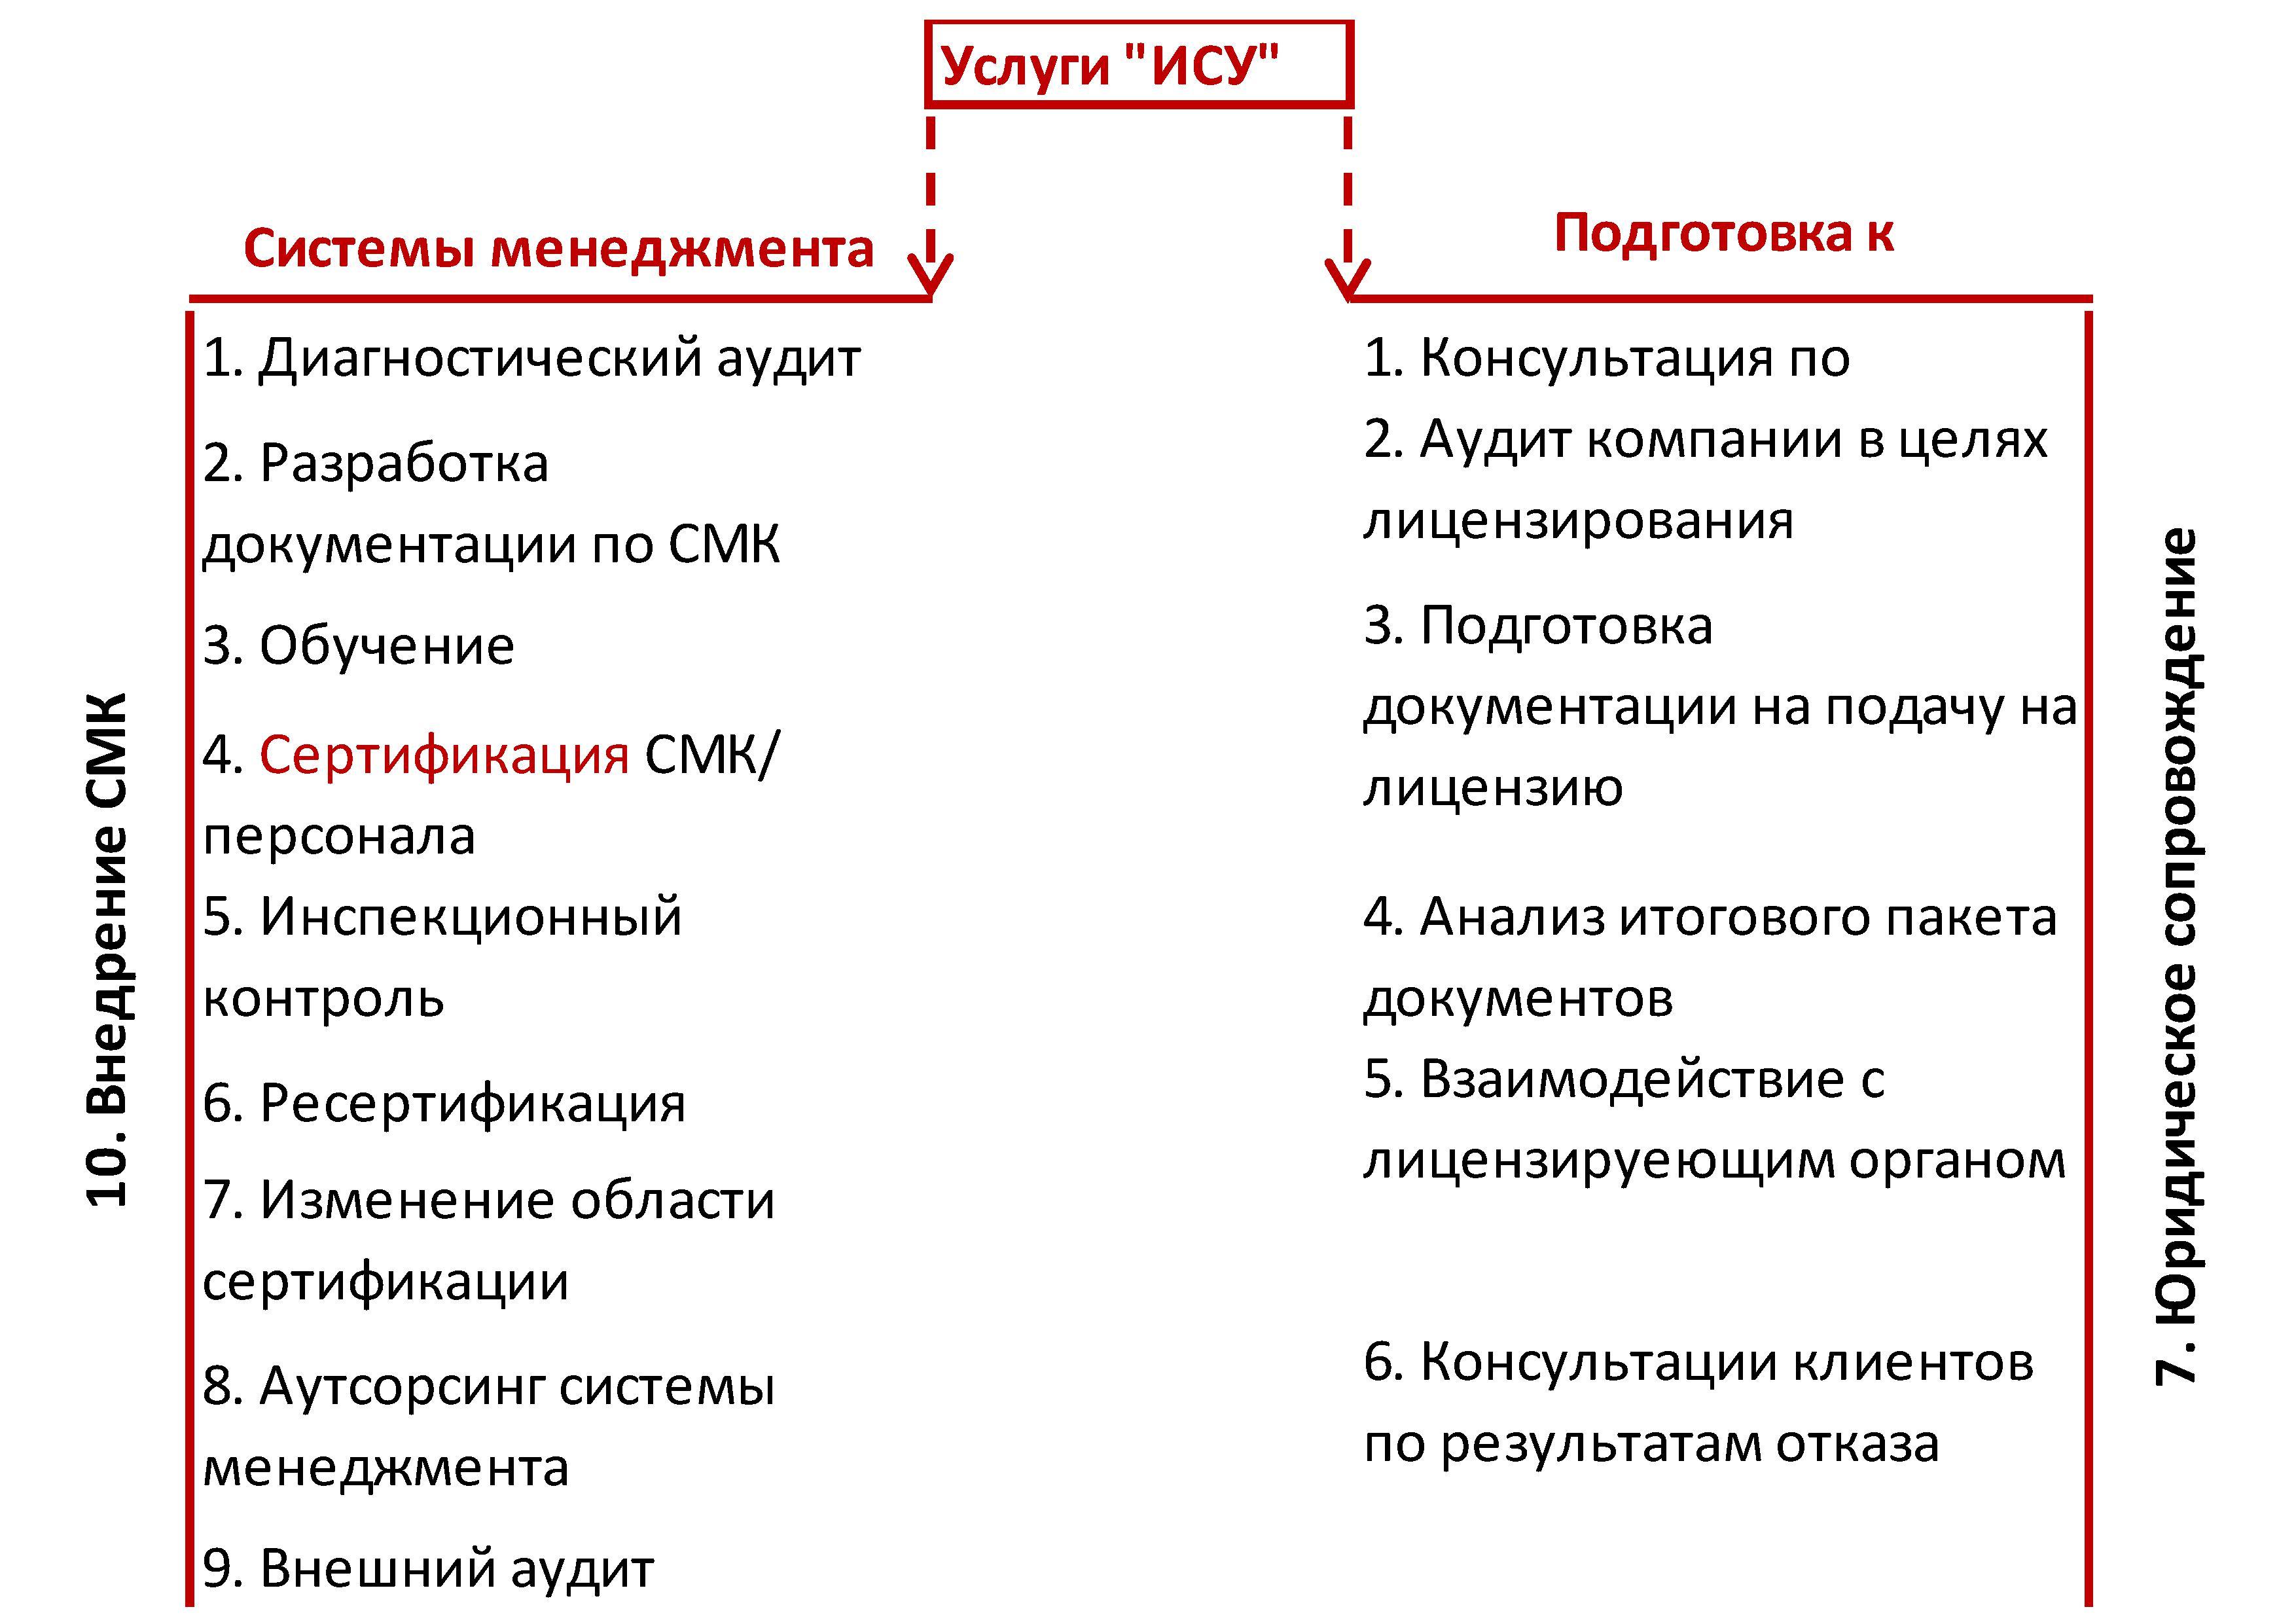 СМК, сертификация, лицензирование (ВВТ/Минпромторг, ФСБ)